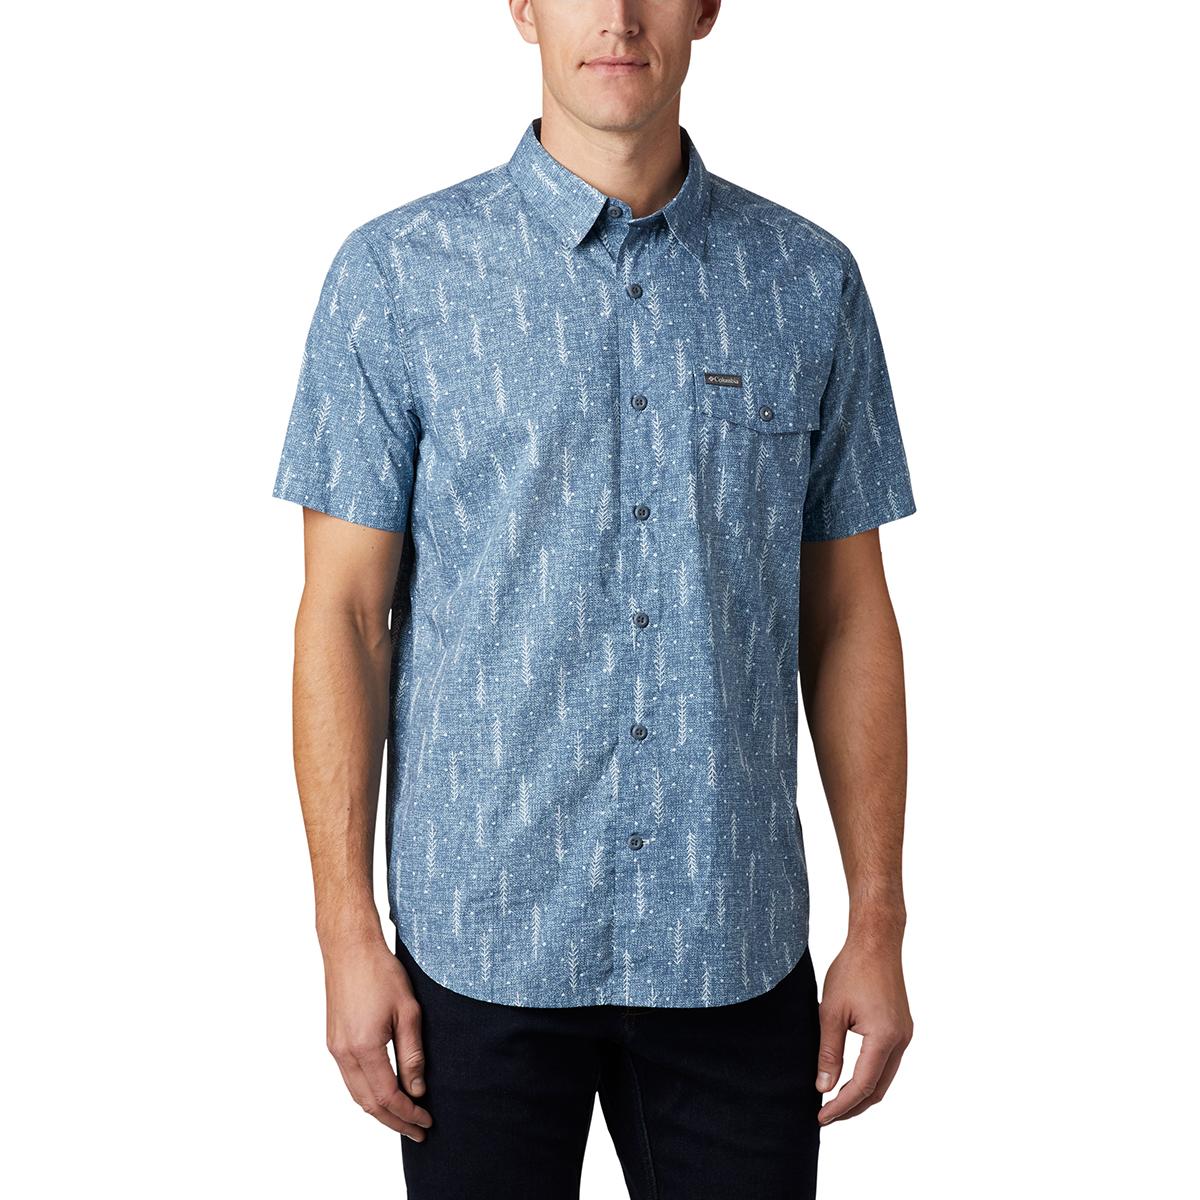 Columbia Men's Summer Chill Short-Sleeve Shirt - Blue, XL